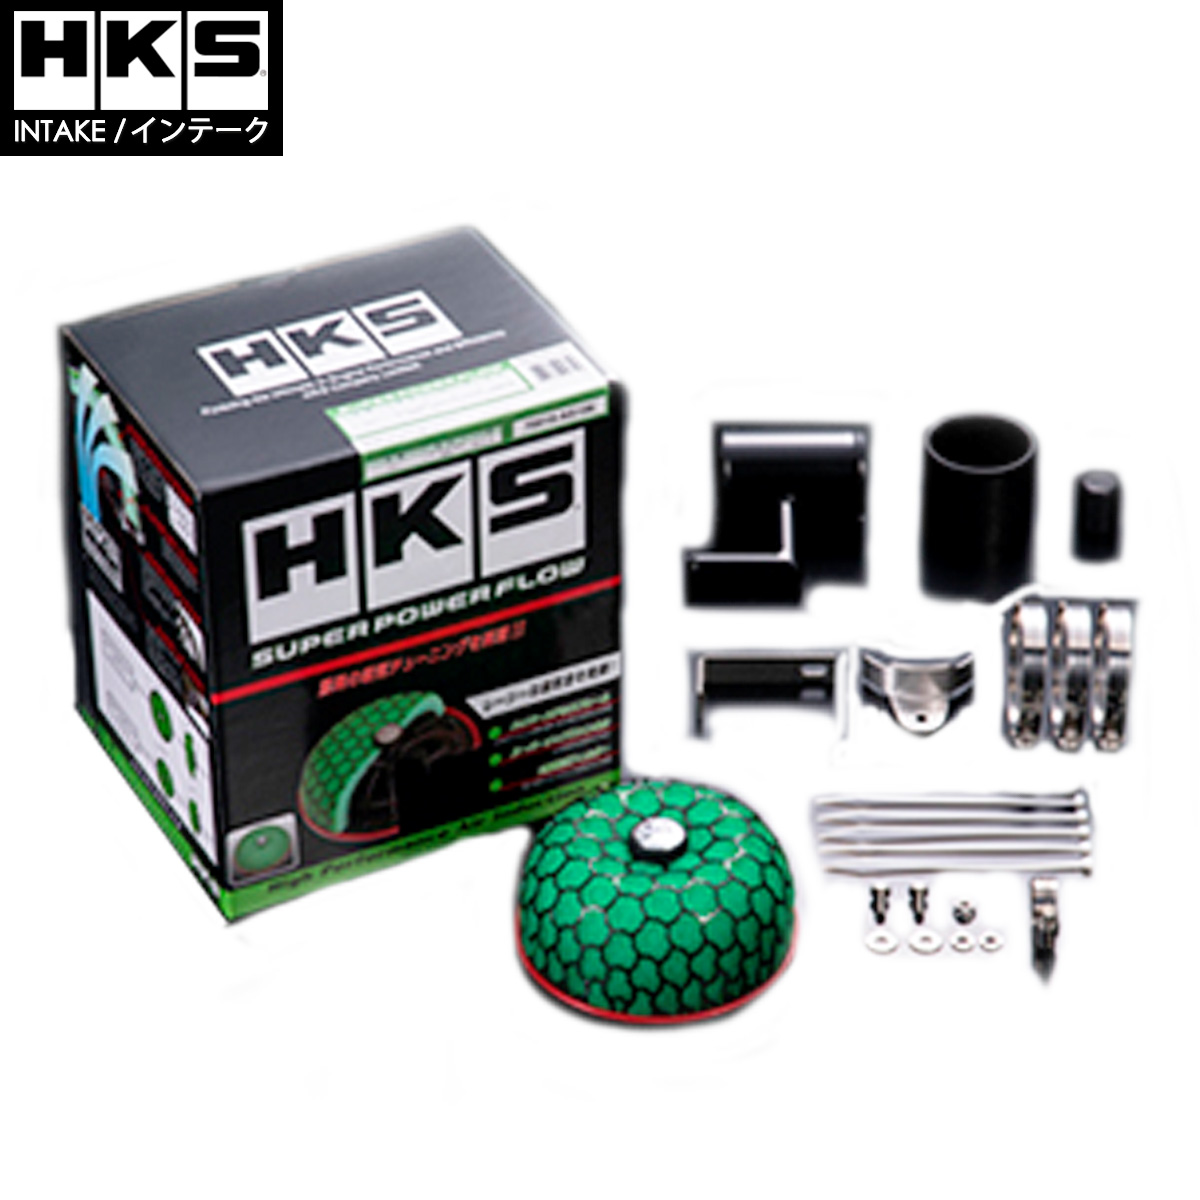 スイフト スポーツ スーパーパワーフロー エアクリ ZC33S HKS 70019-AS111 インテークシリーズ 条件付き送料無料